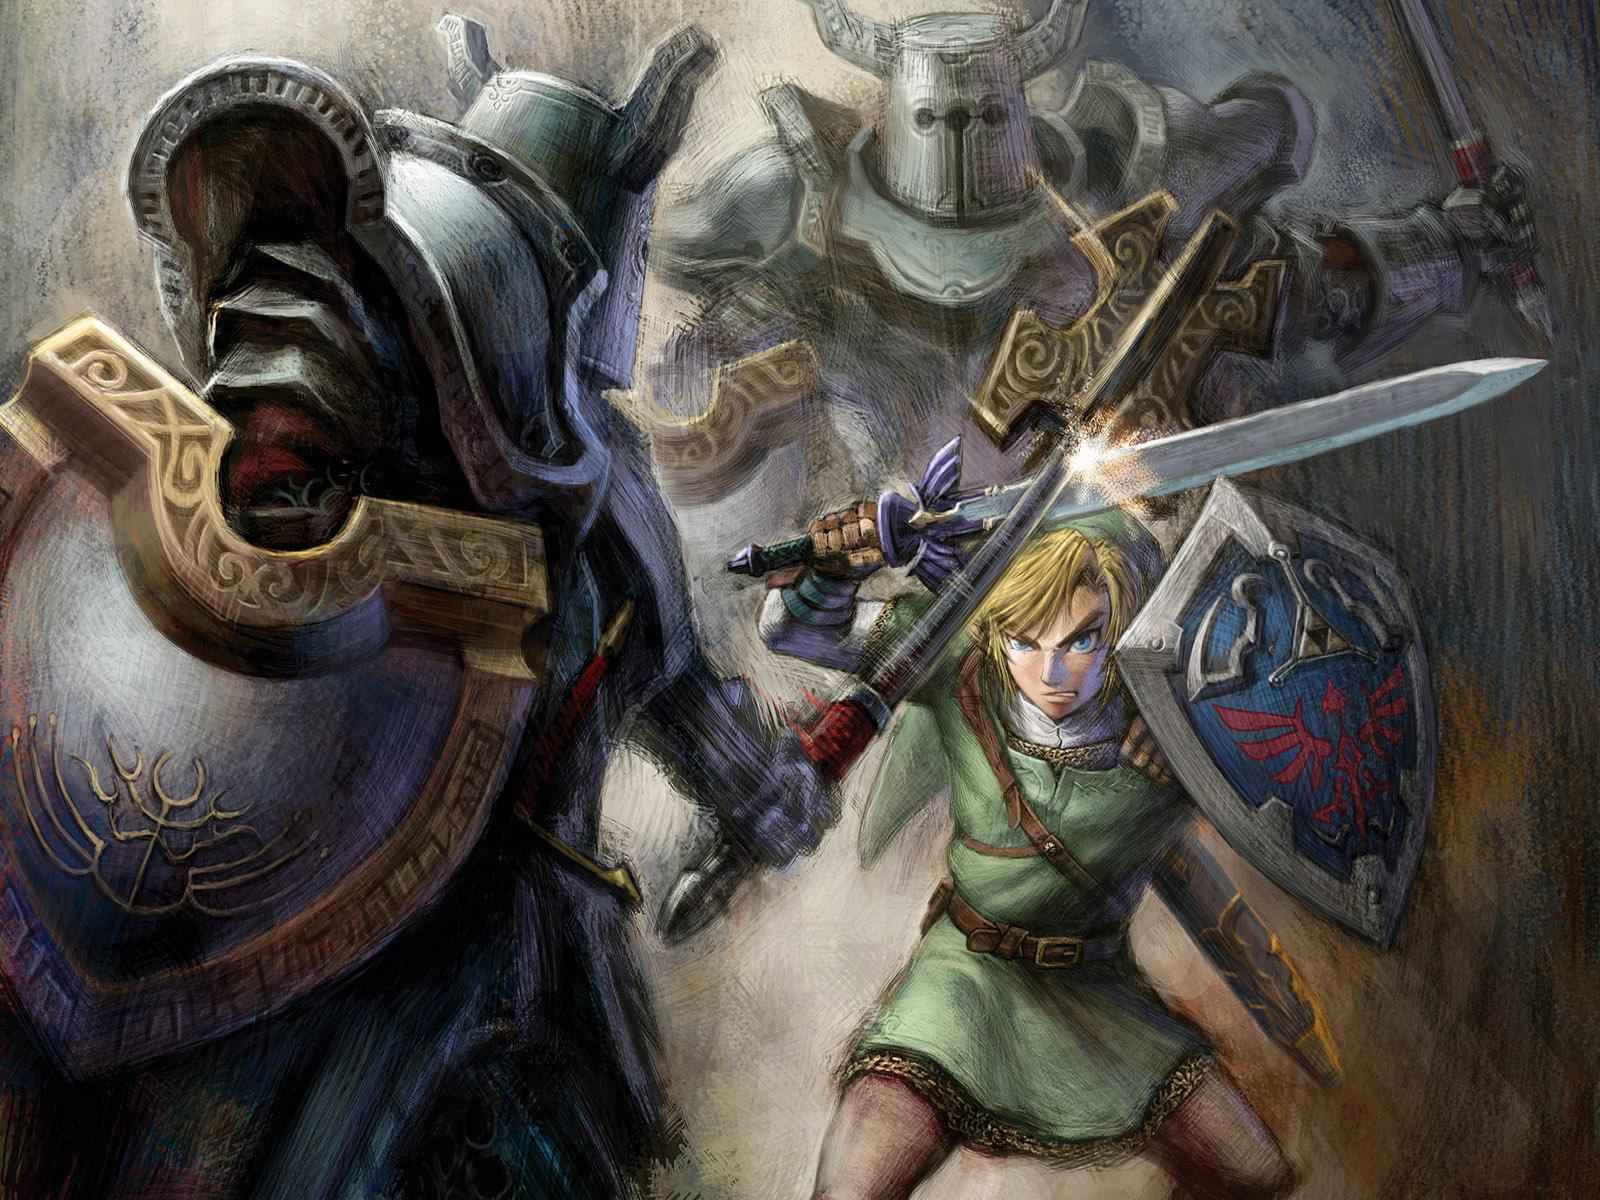 Mega Wallpapers HD The Legend of Zelda Wallpaper 1600x1200